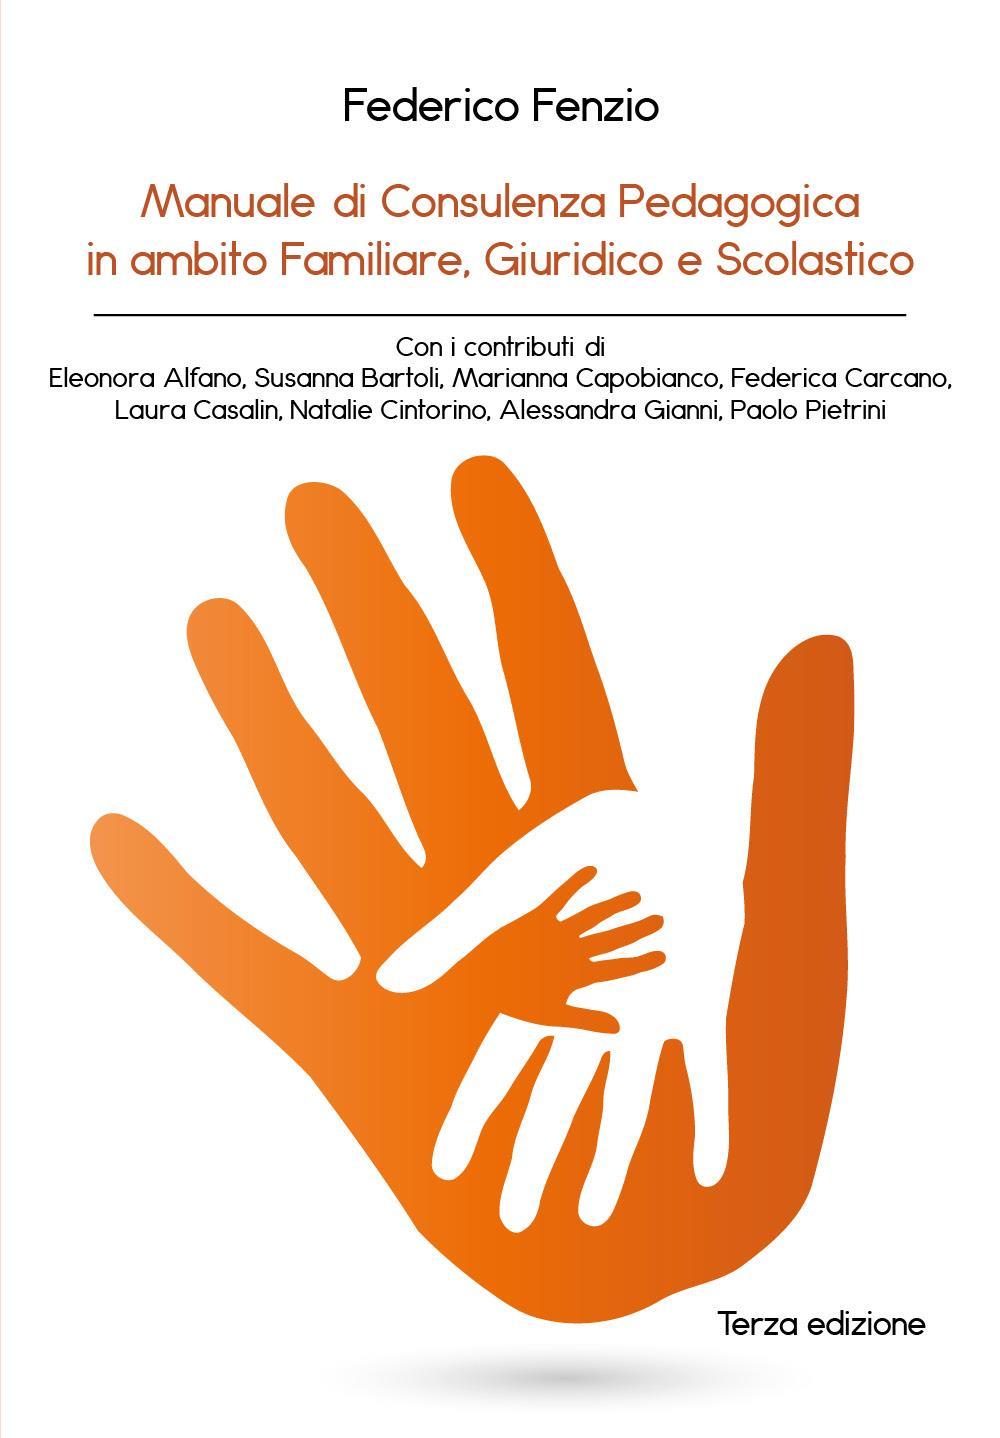 Manuale di Consulenza Pedagogica in ambito Familiare, Giuridico e Scolastico. Terza edizione